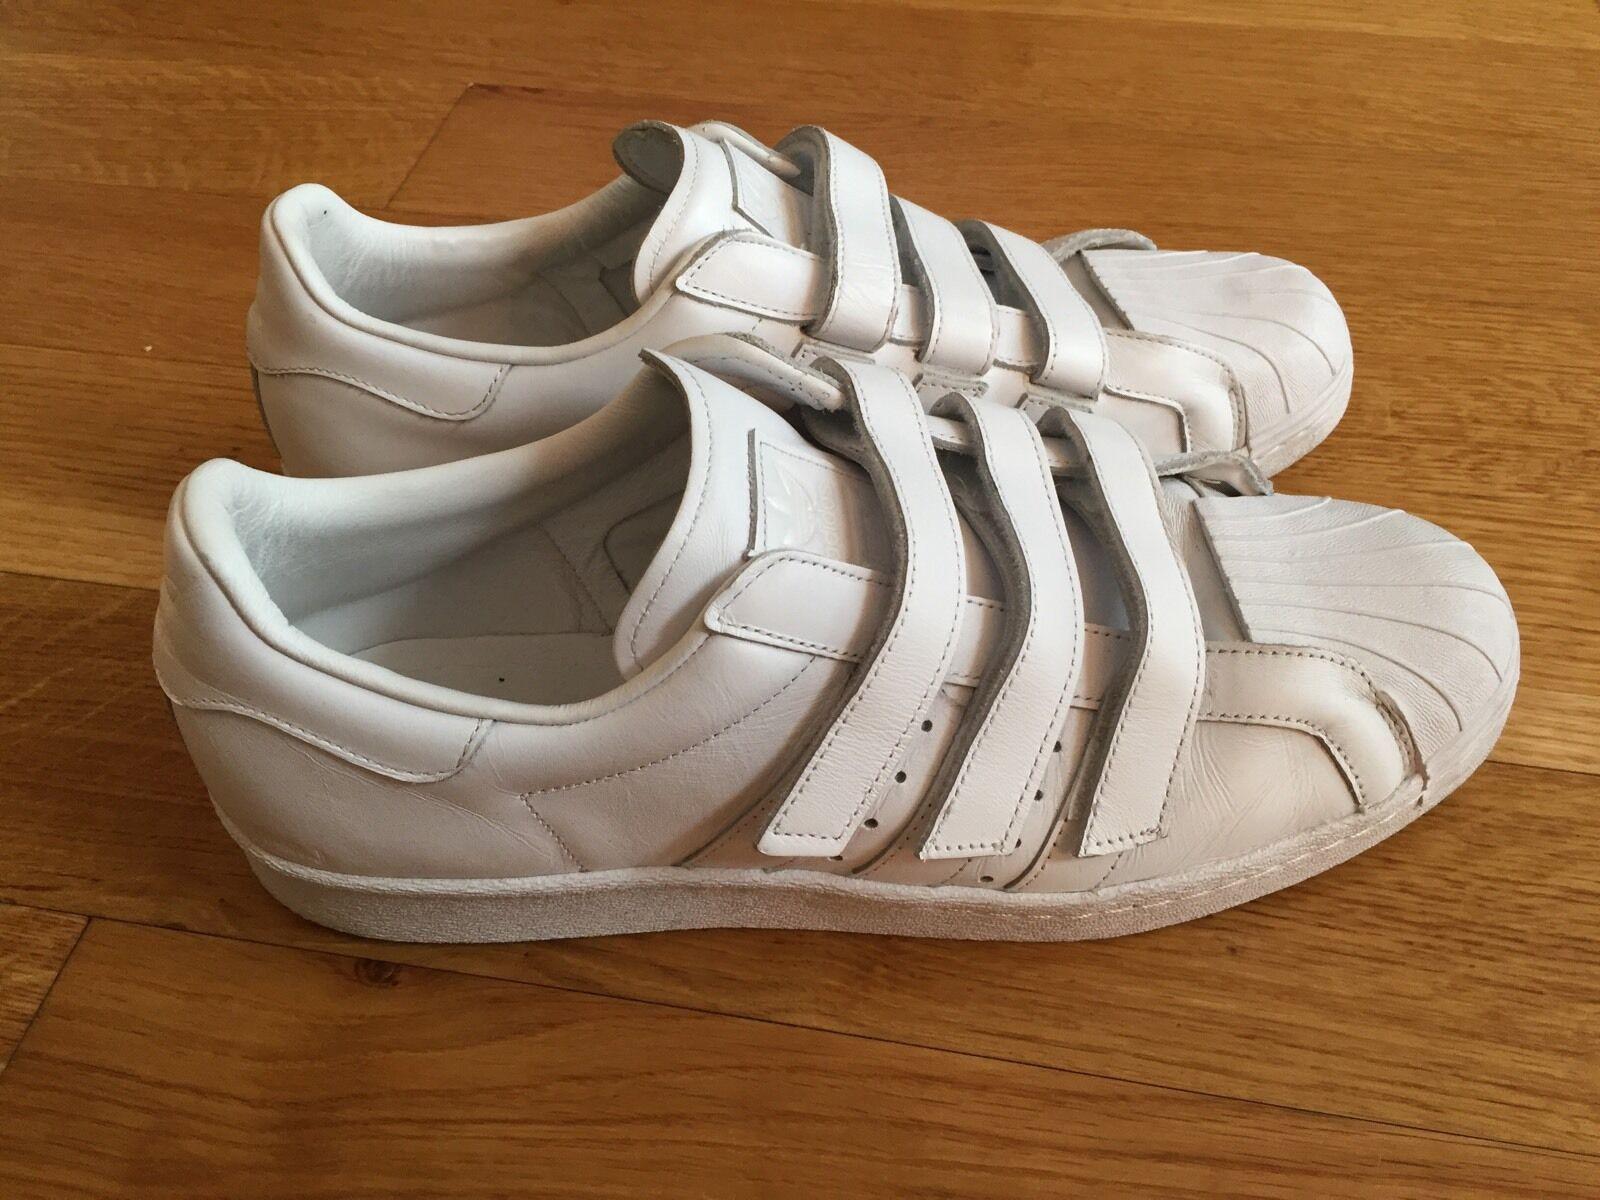 ADIDAS x Sneakers Juun J Blanco SUPERSTAR Shell Top Low Sneakers x US 12 340 299157